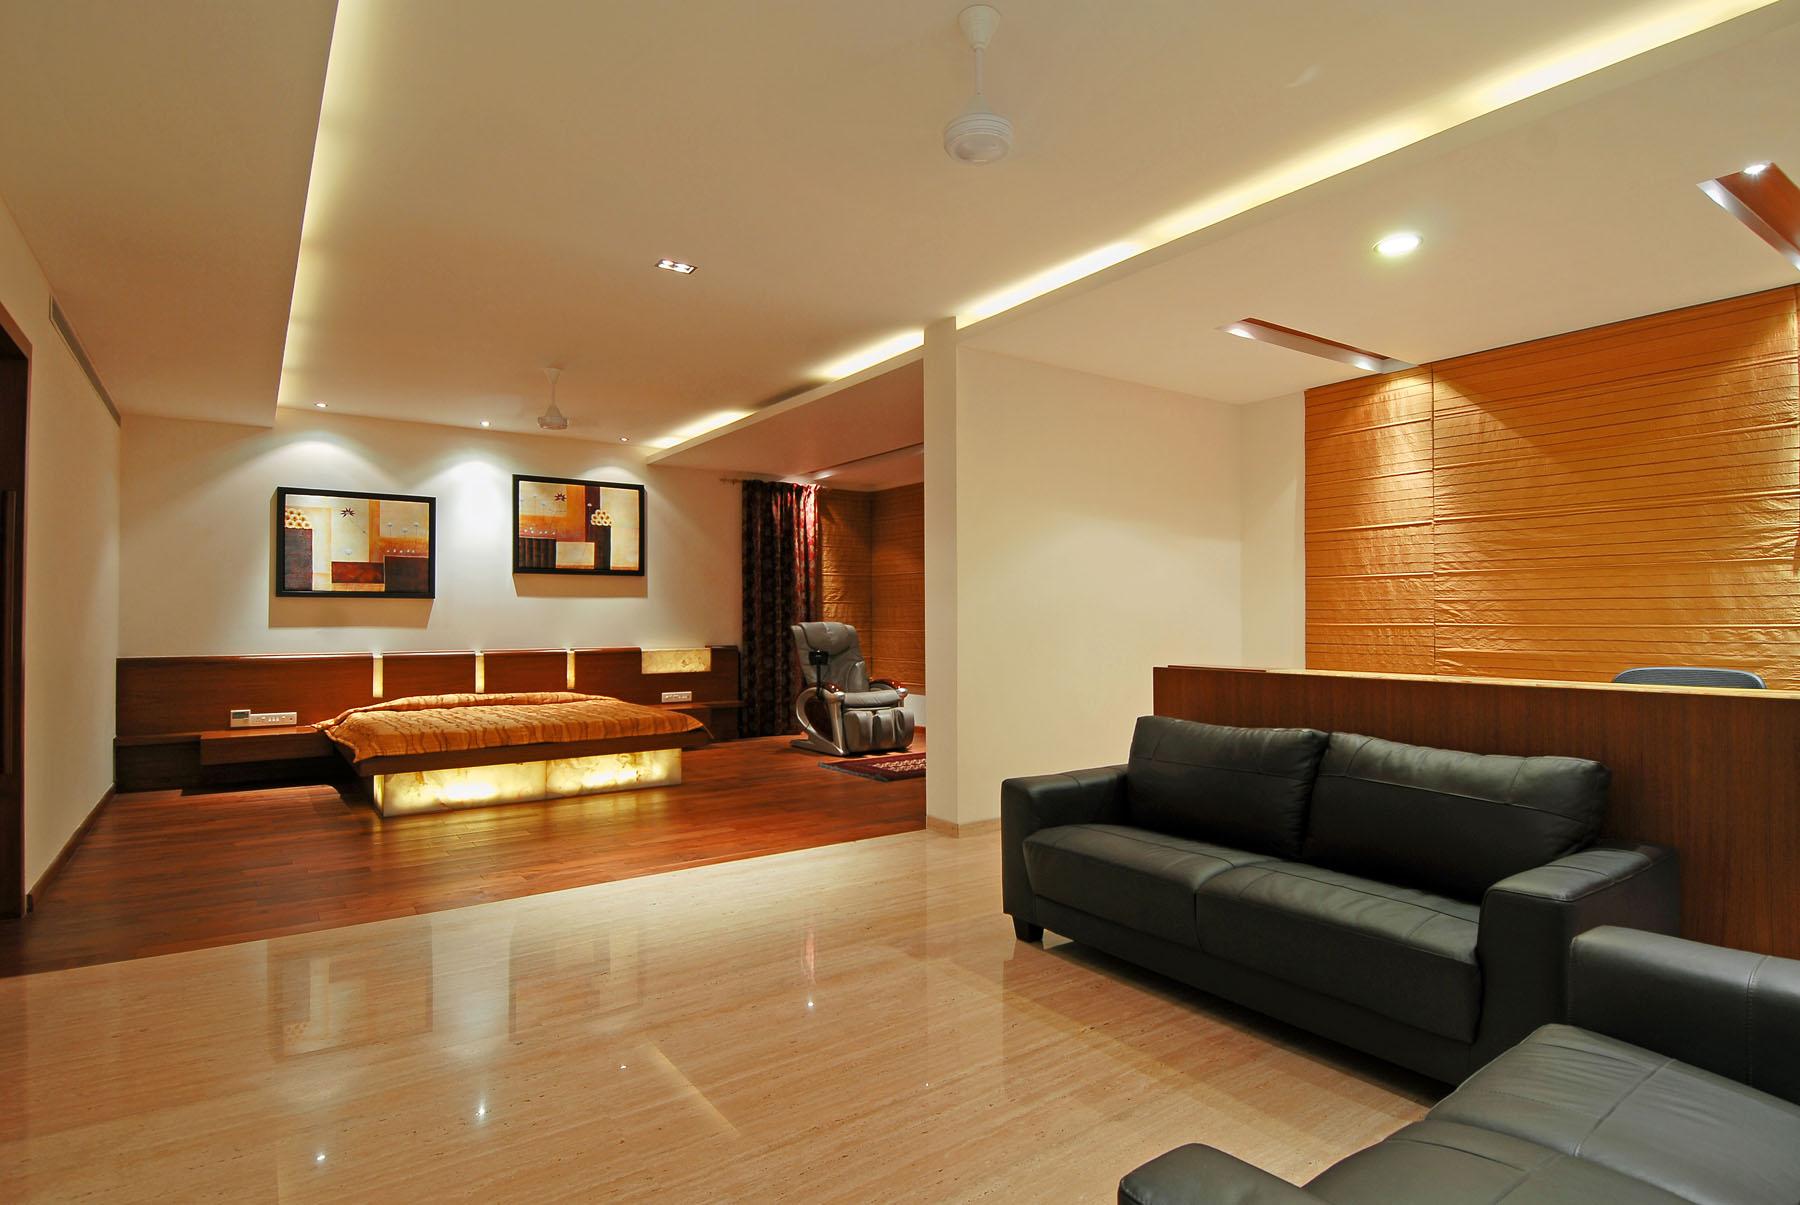 Качественный ремонт квартир с АСК Триан